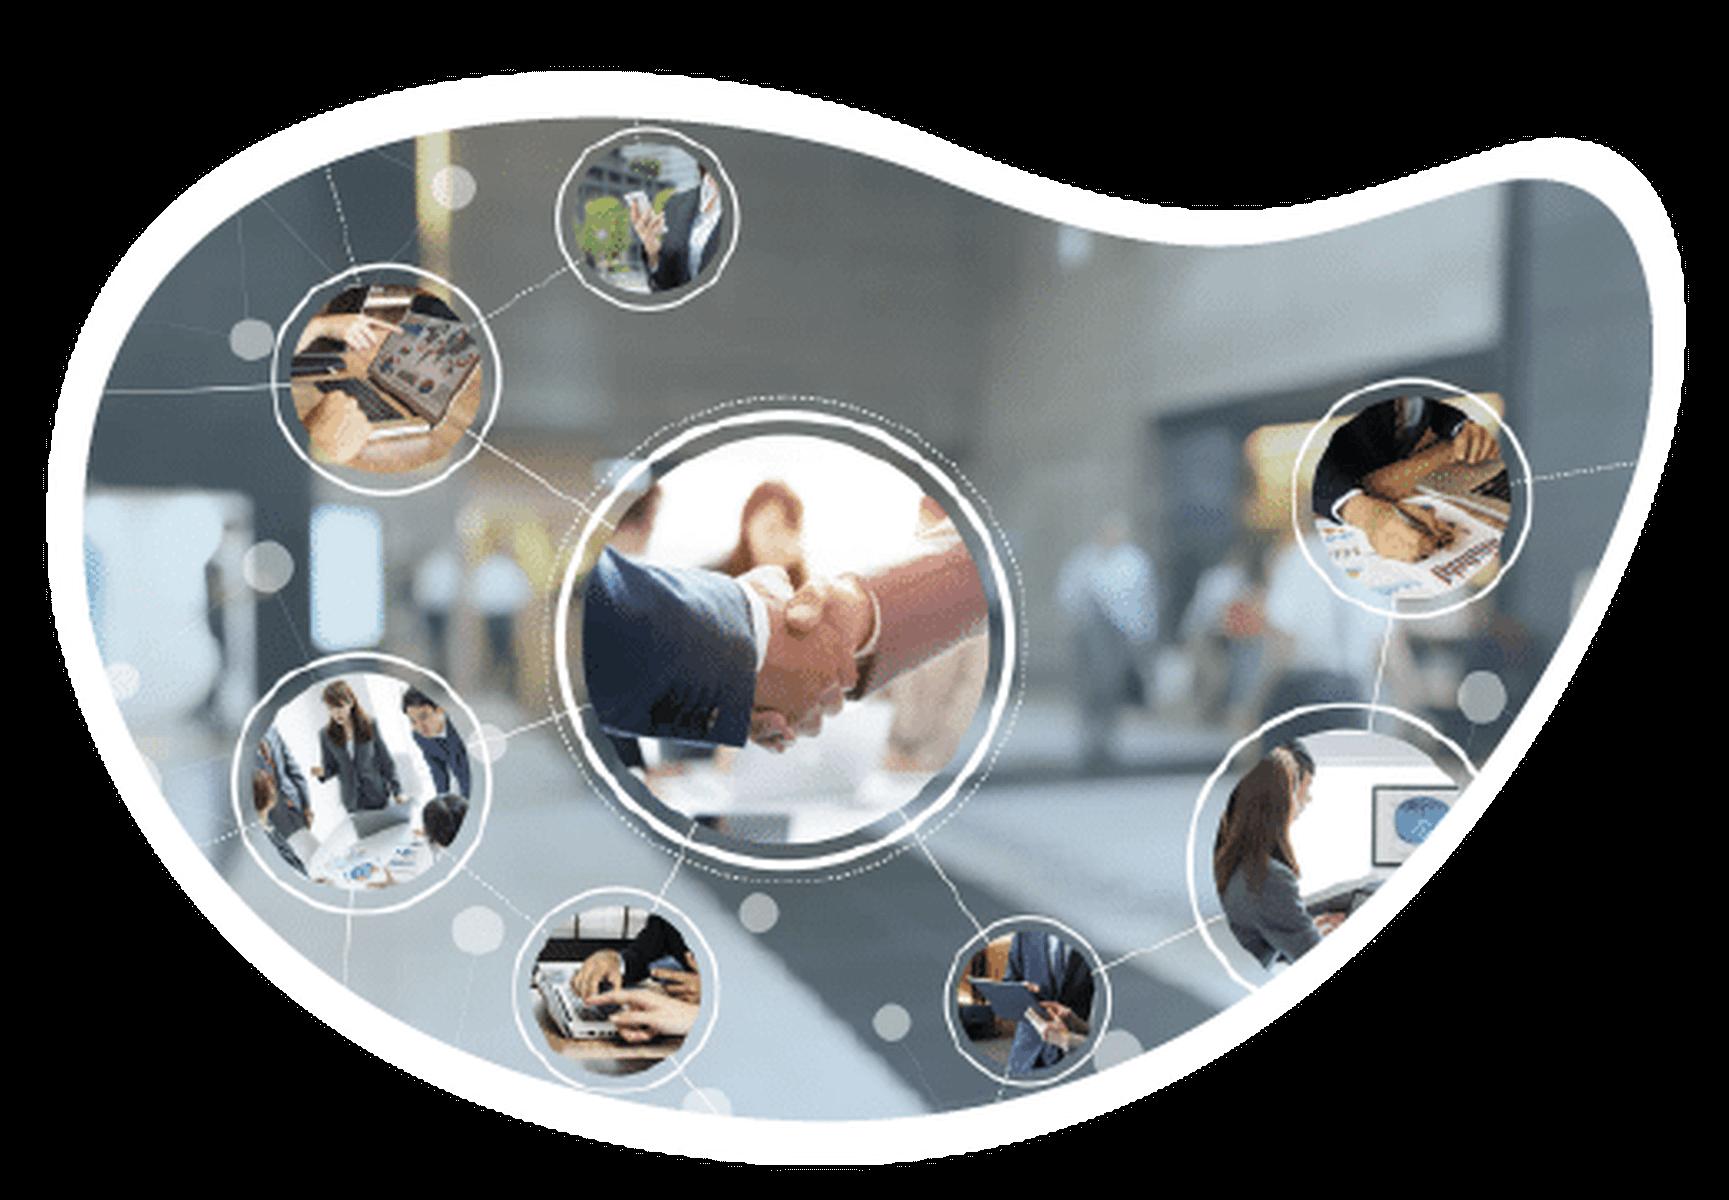 Seu provedor ISP terá a visão 360 graus que o mercado de telecomunicações cada vez mais exige!